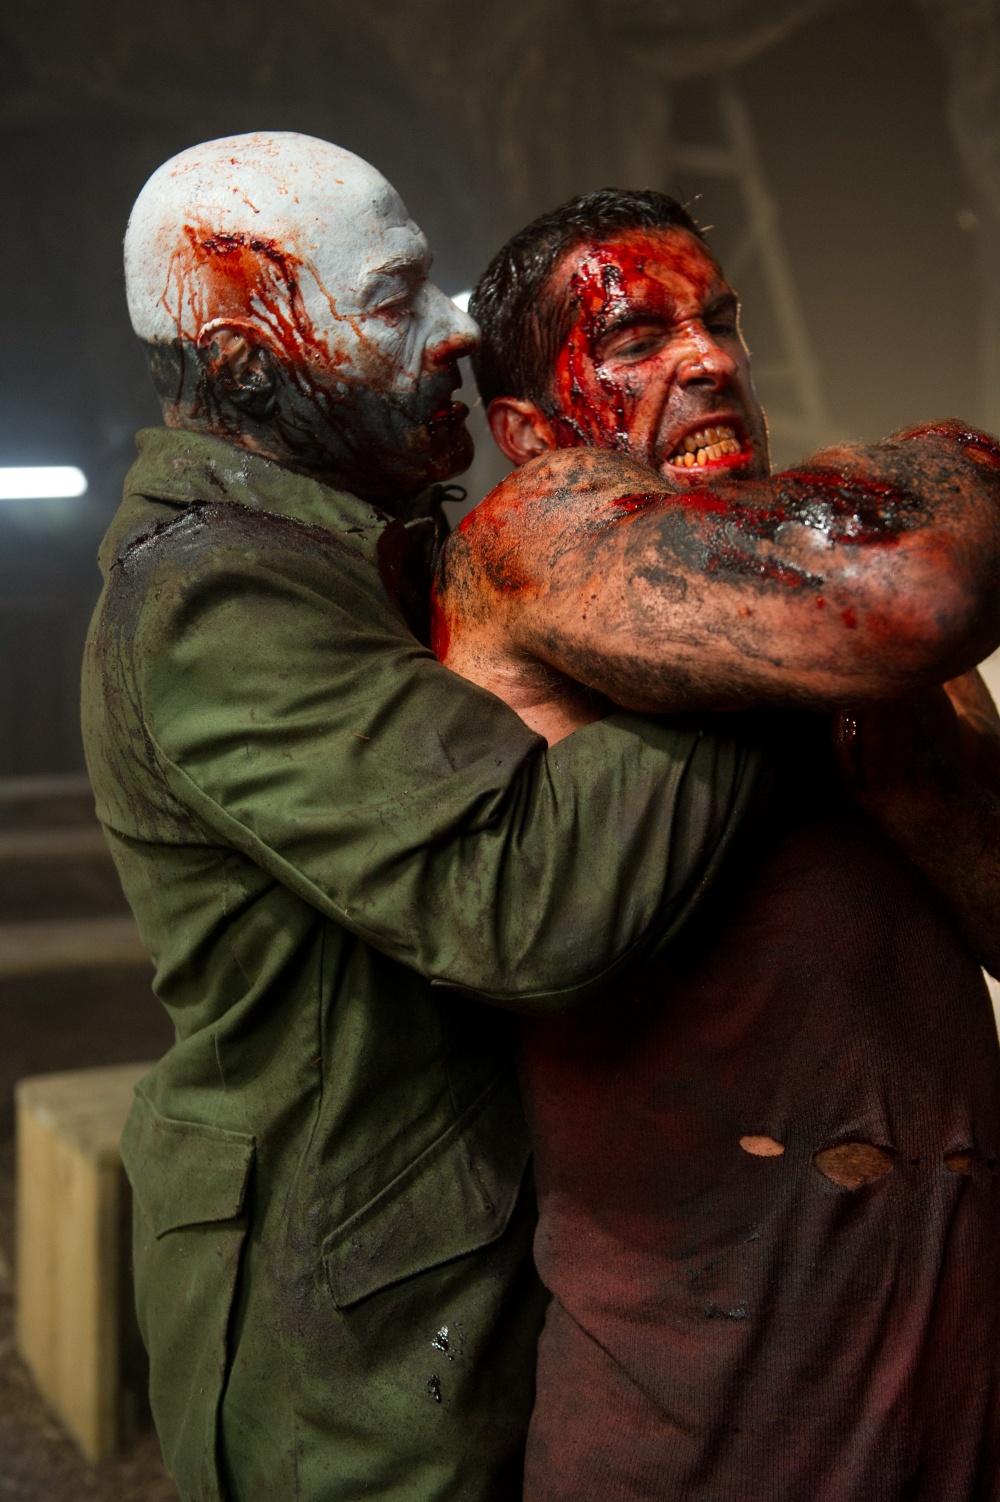 кадры из фильма Универсальный солдат 4 Жан-Клод Ван Дамм, Скотт Эдкинс,